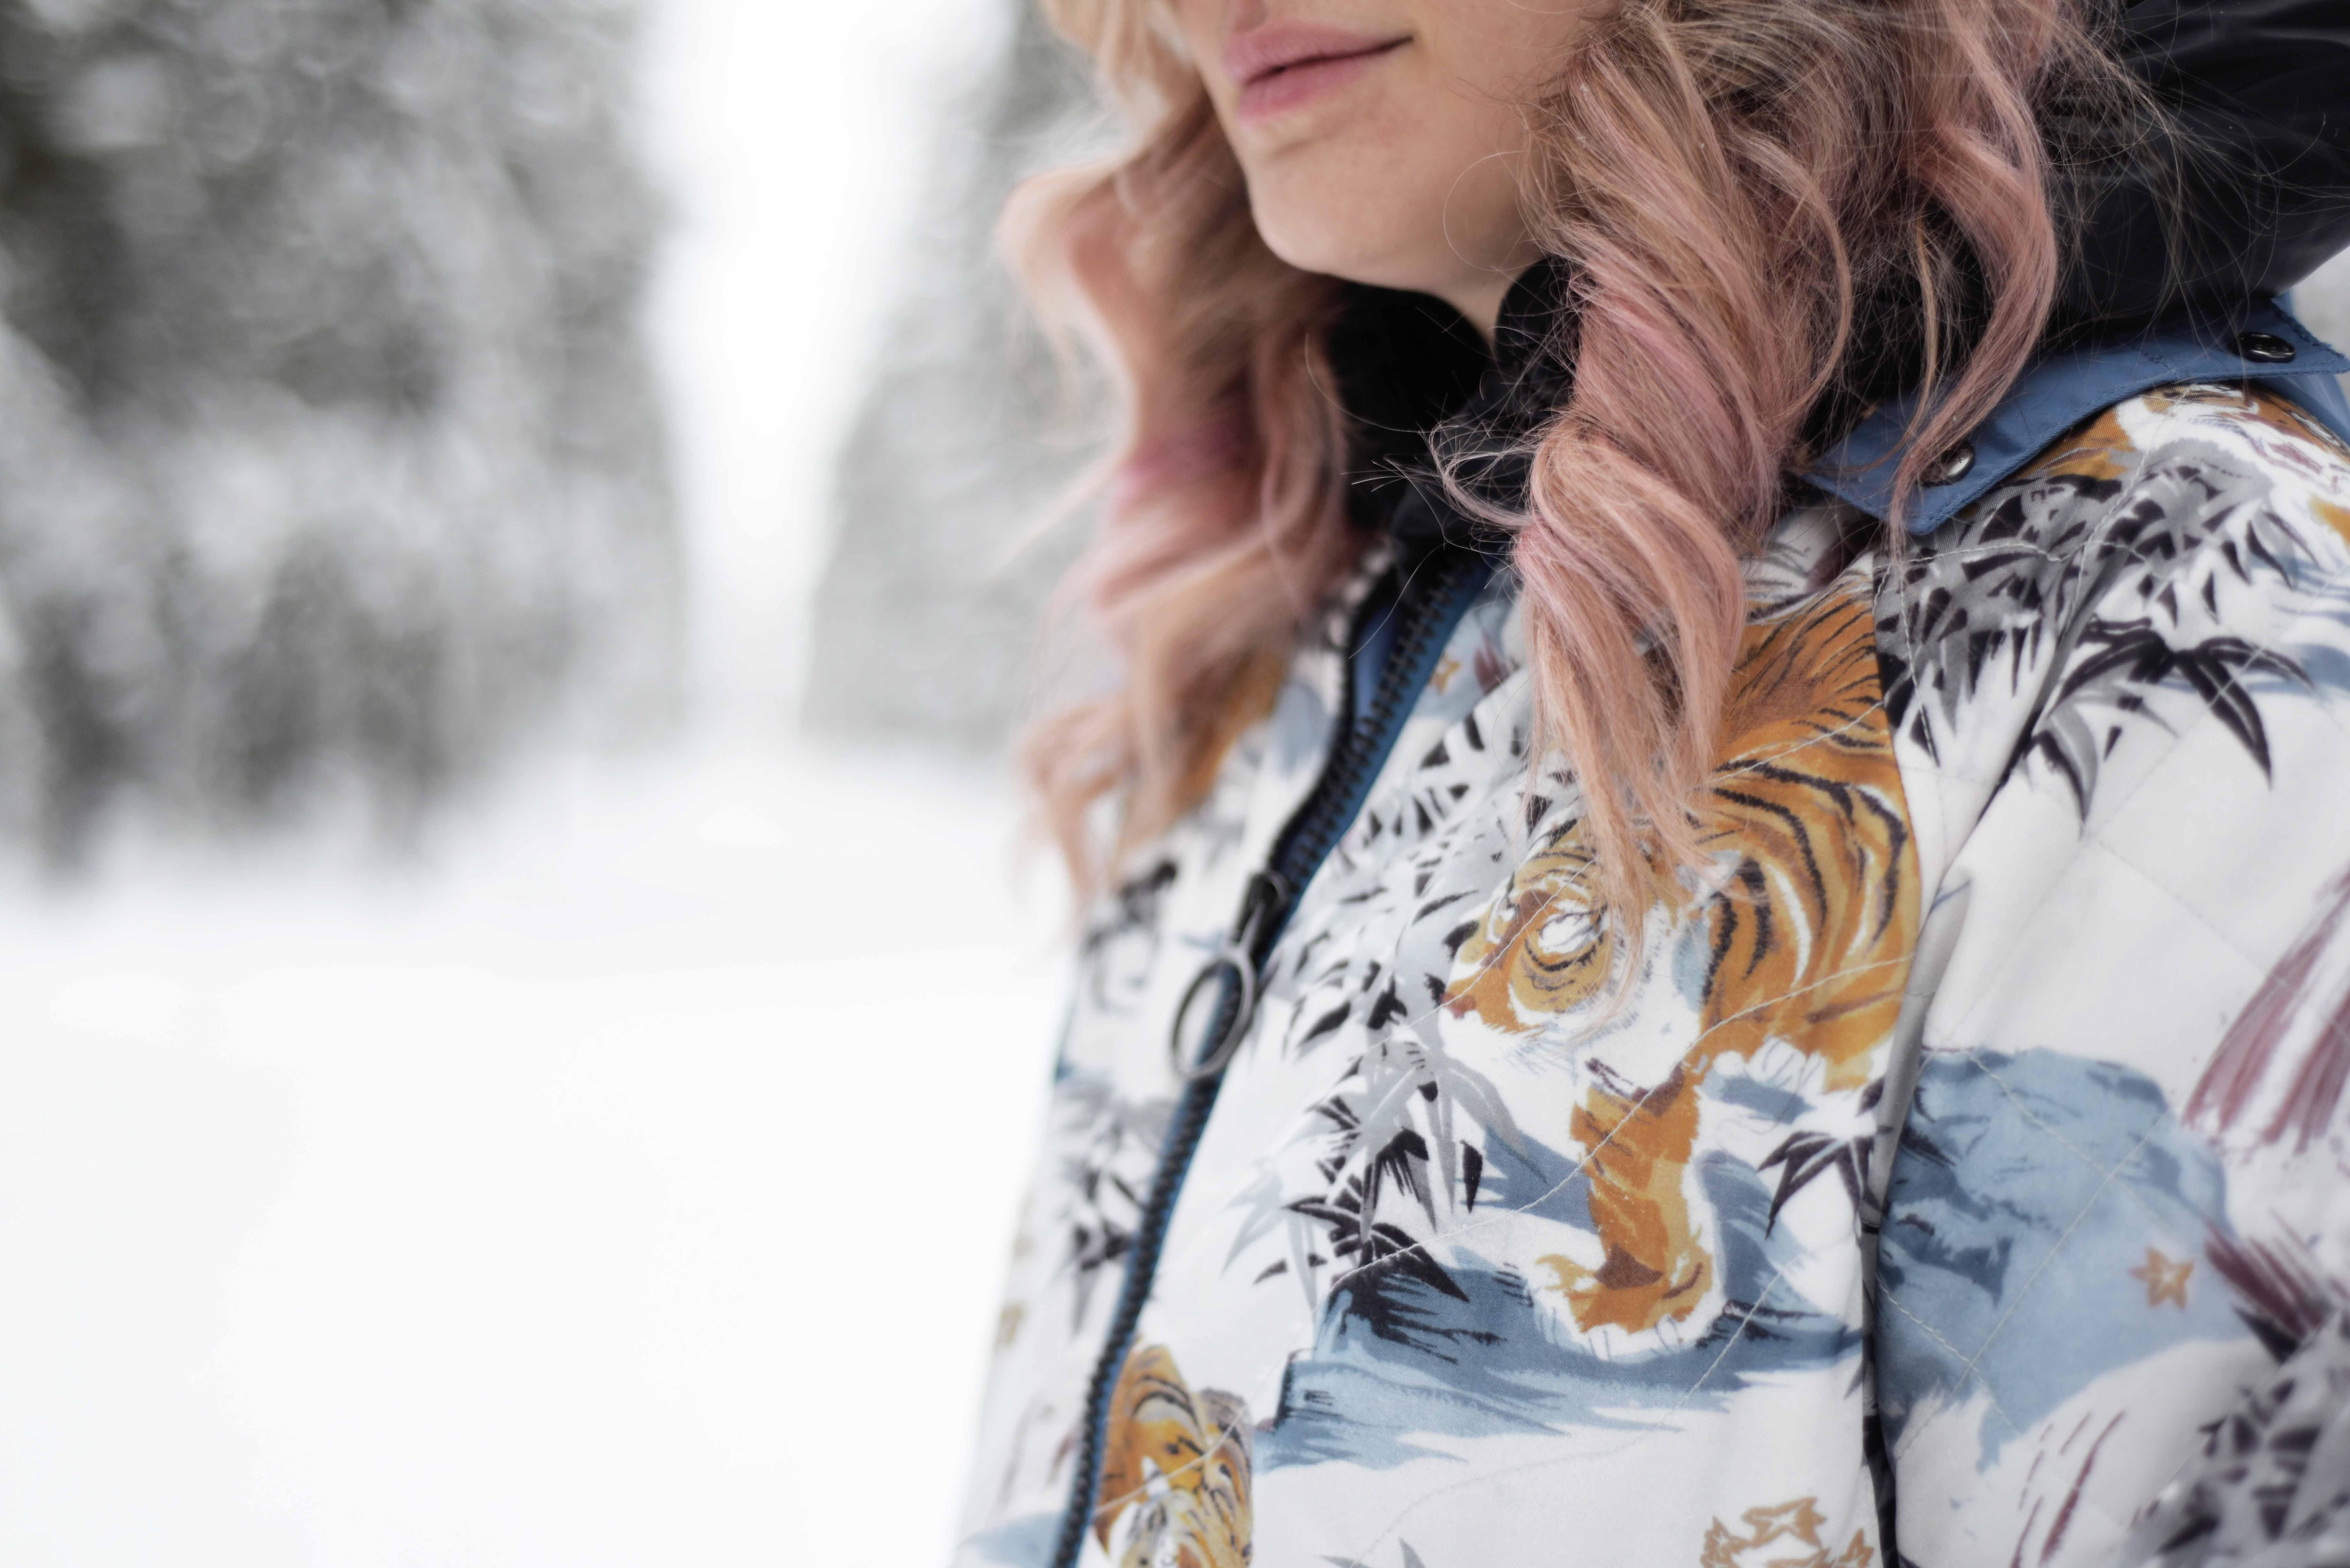 winter-style-3-ways-14